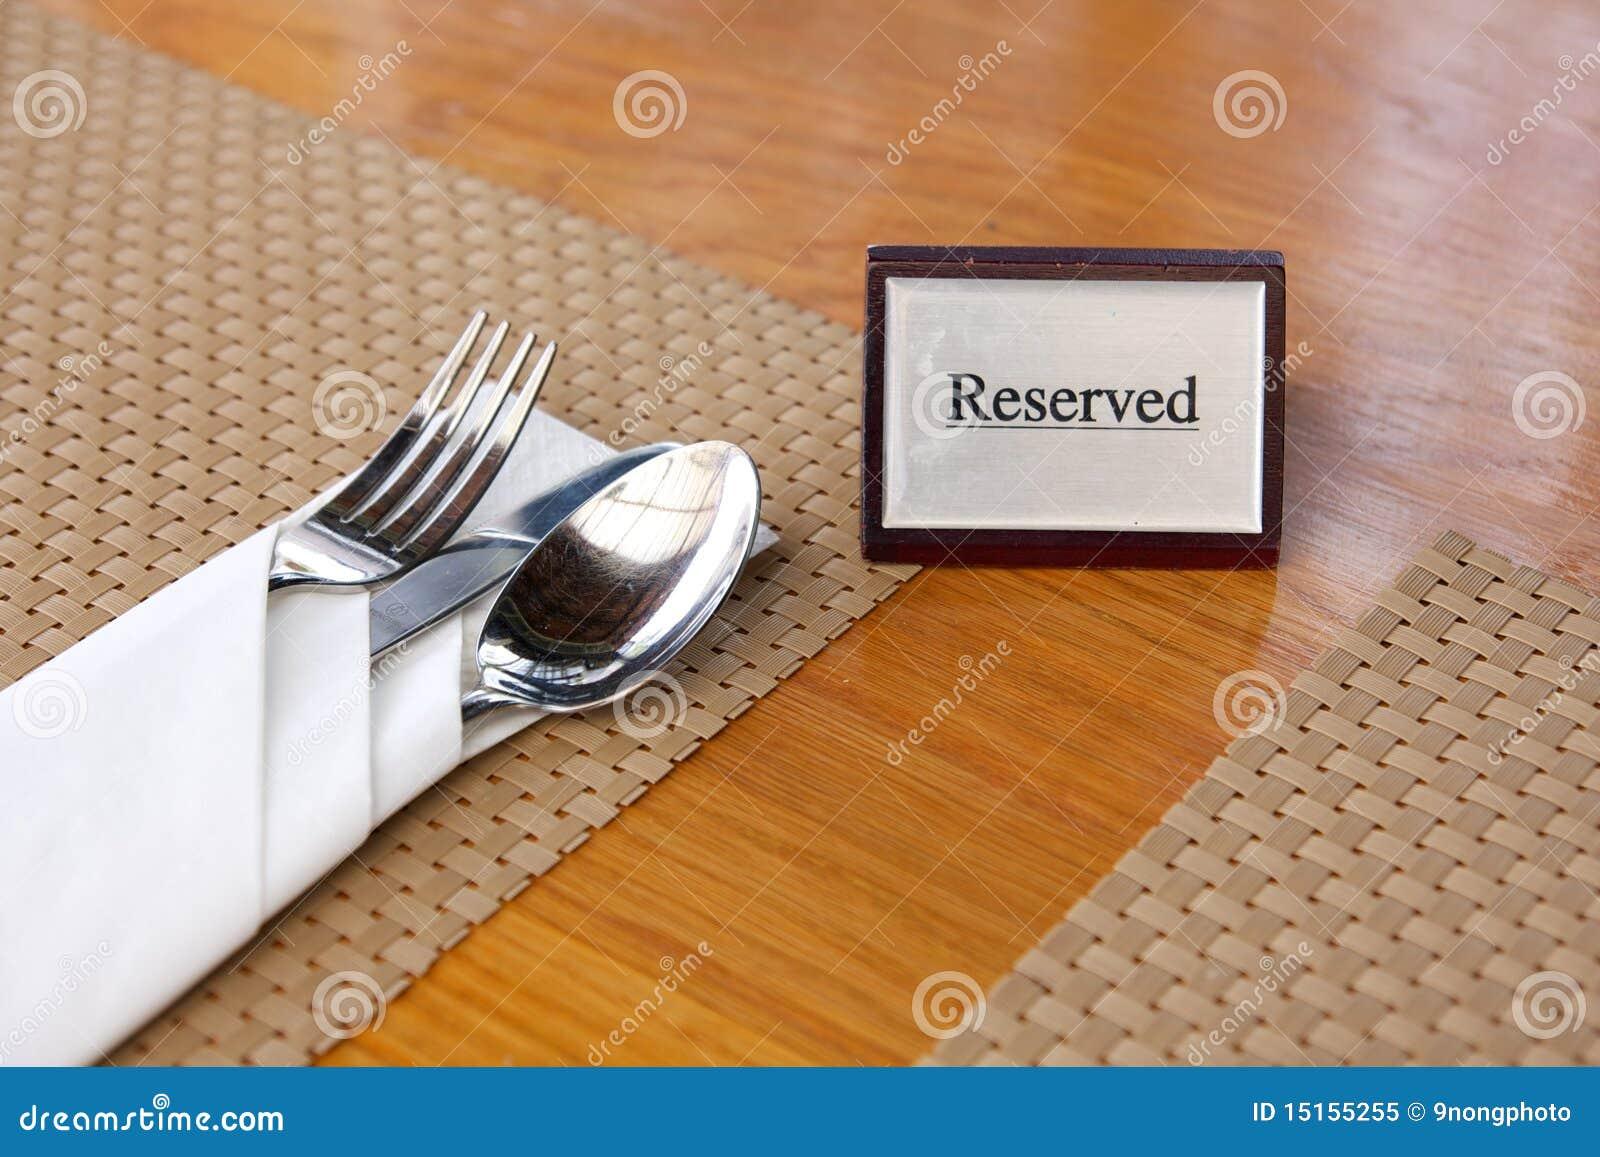 Vector Reservado Del Restaurante Imagen de archivo - Imagen de ...